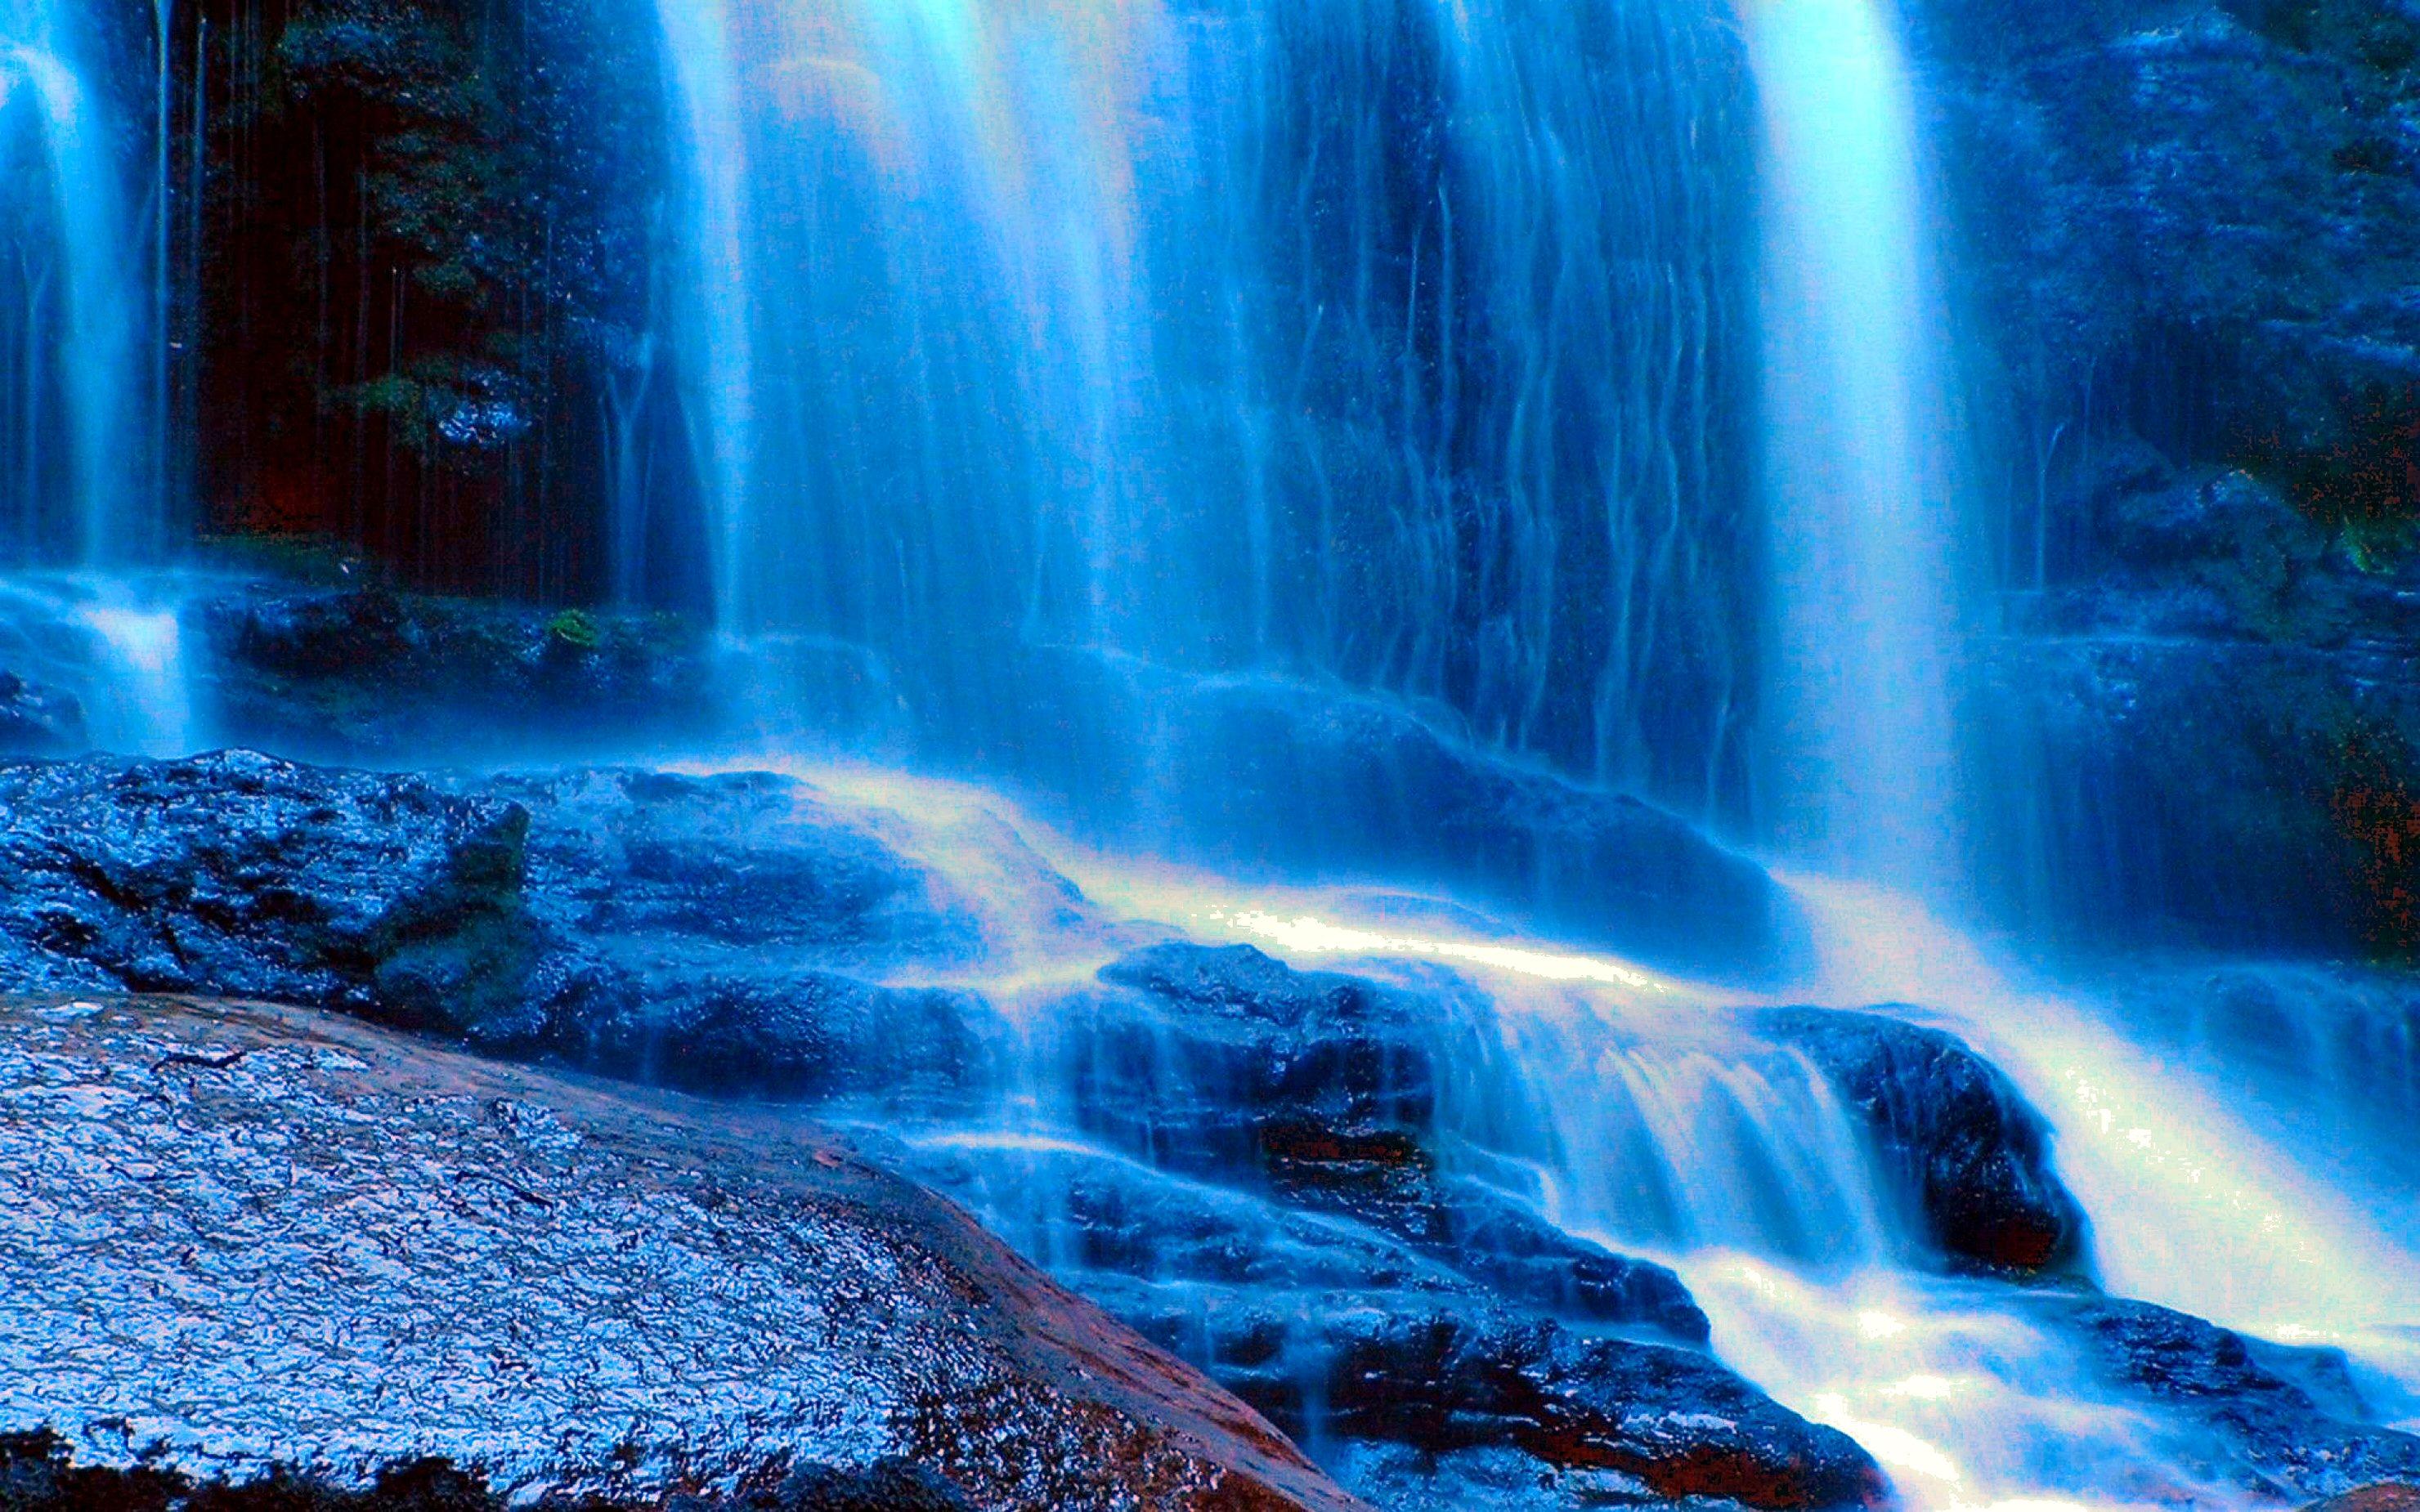 темных картинки на телефон водопады движущиеся море провели один